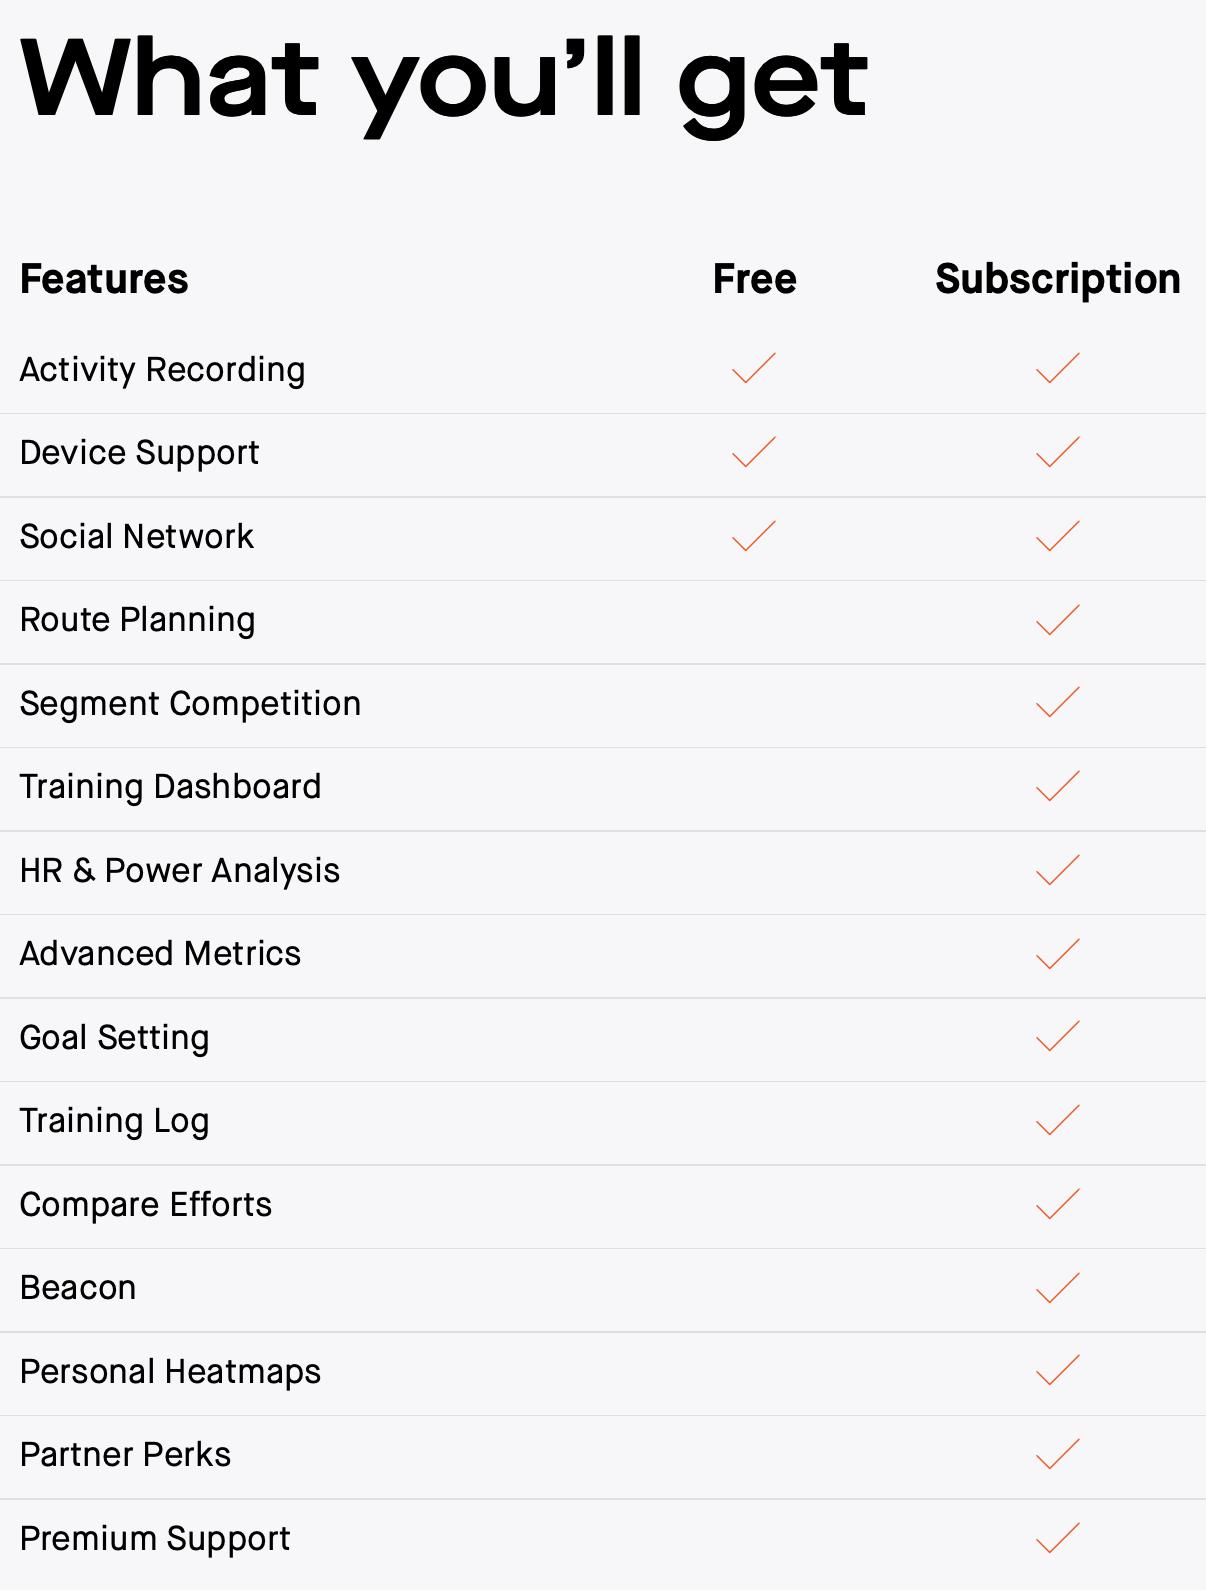 Strava's Free vs Premium features